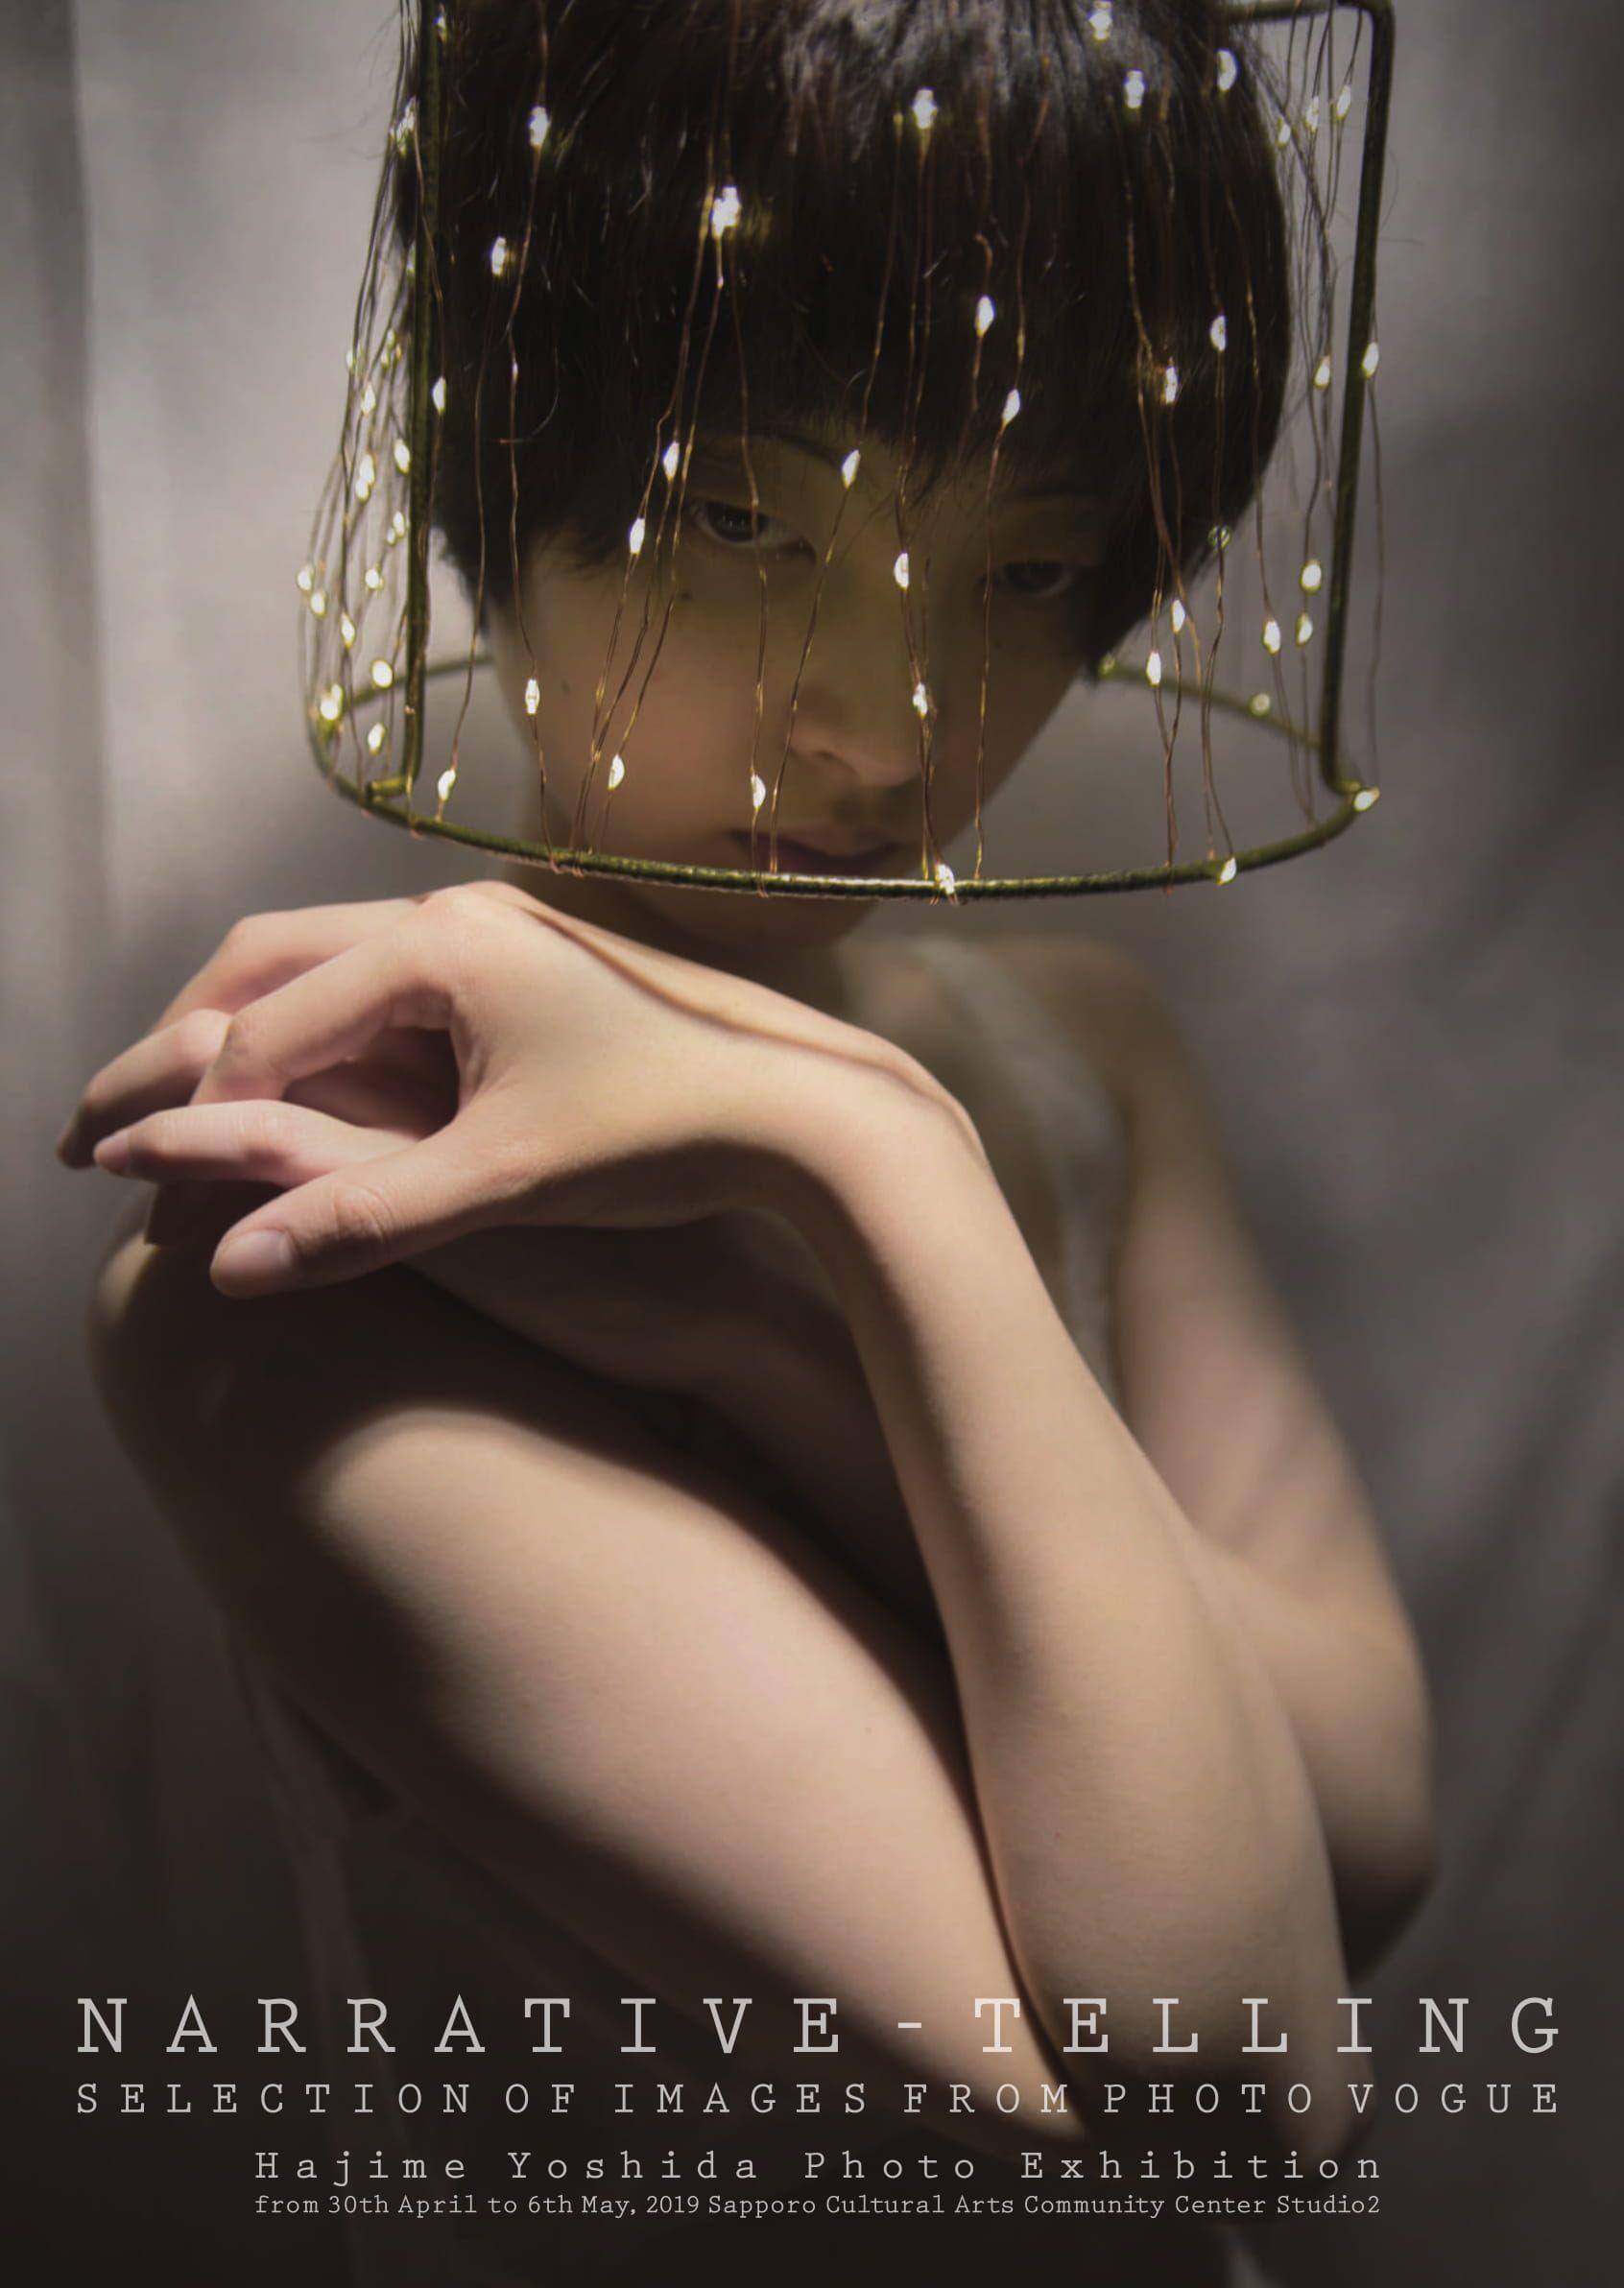 吉田 肇 写真展『NARRATIVE-TELLING』写真が語る物語 イメージ画像